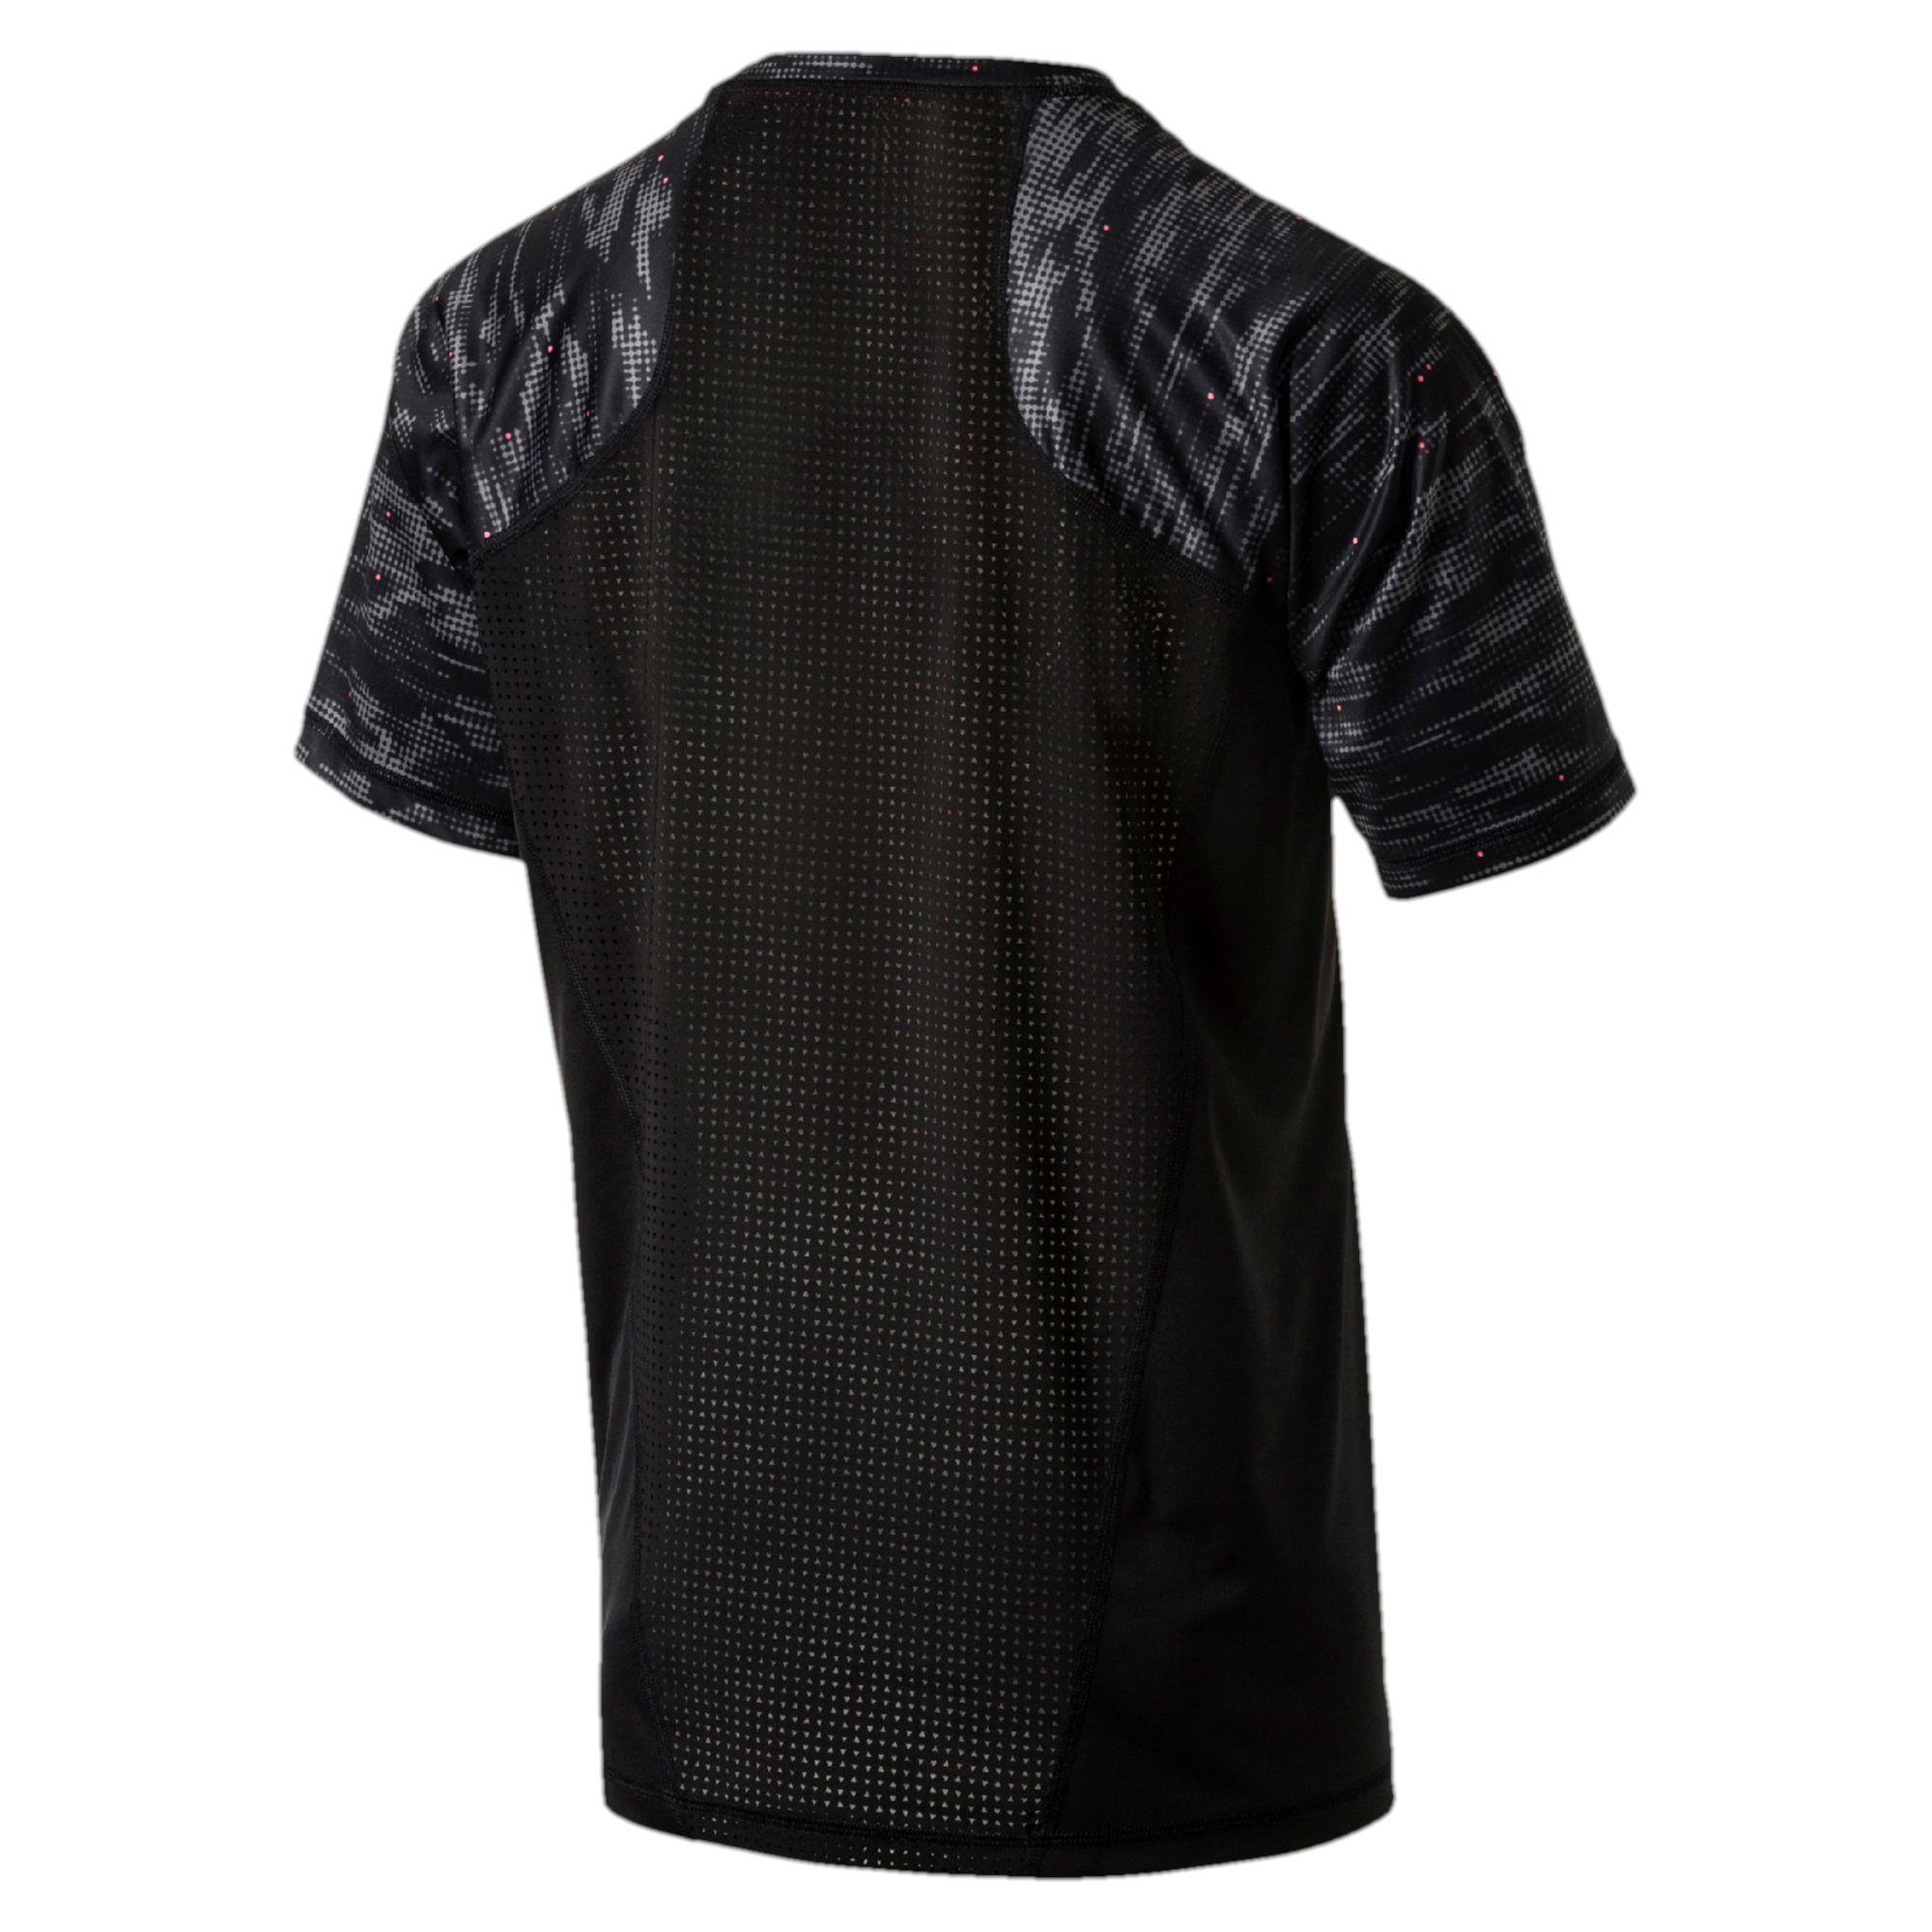 stampa da T uomo Puma Maglietta da Novità uomo Training grafica shirt con di Active wgZExX0Axn